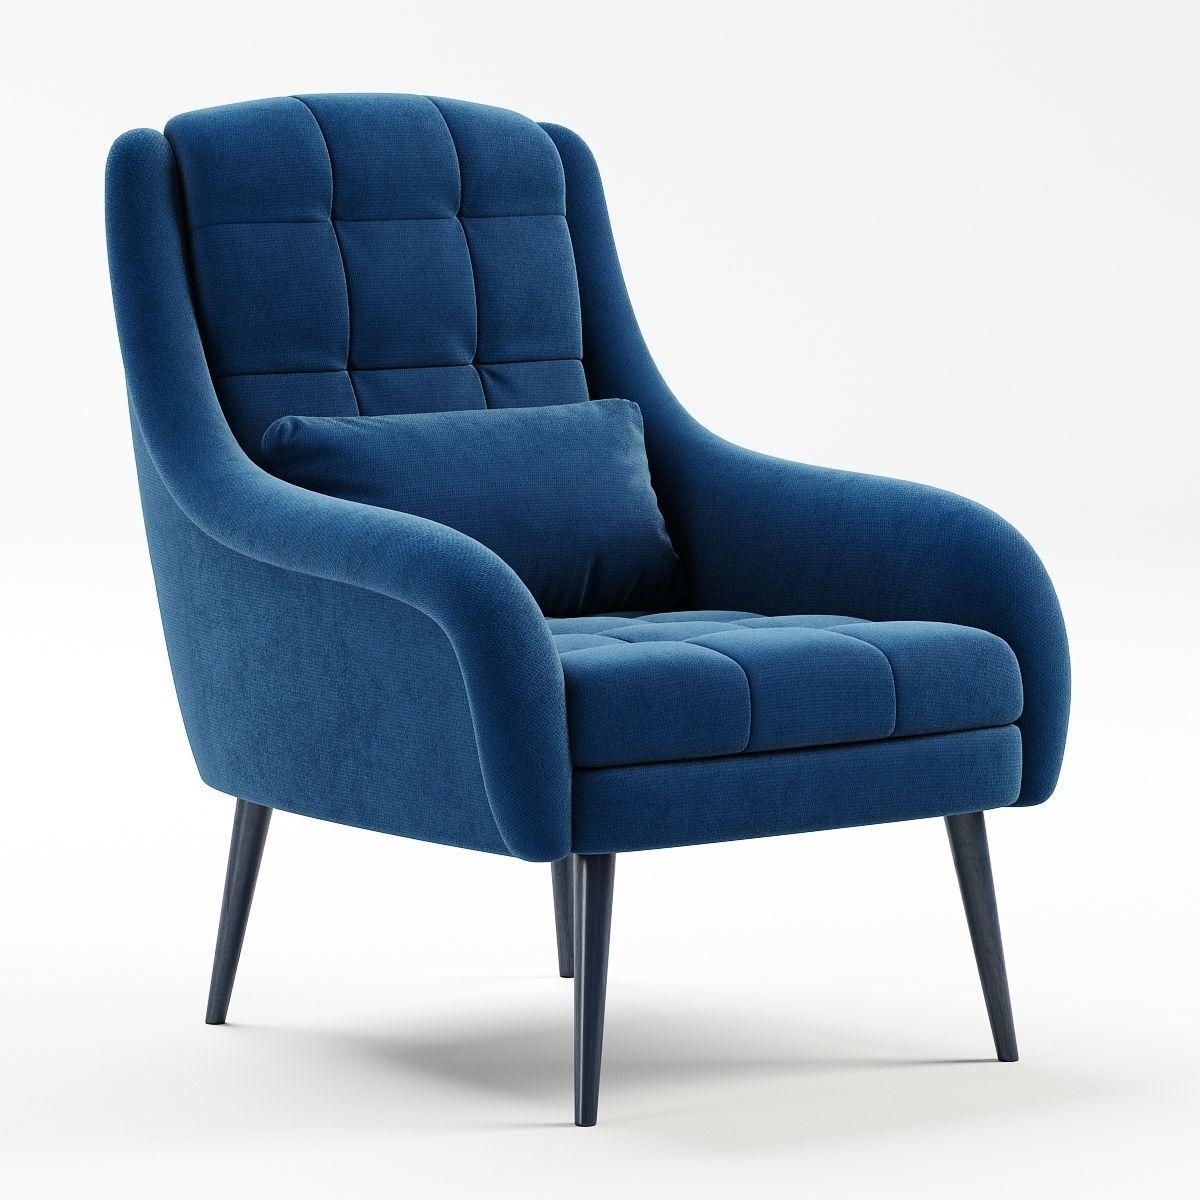 OBrien Blue Velvet Armchair 3D Model